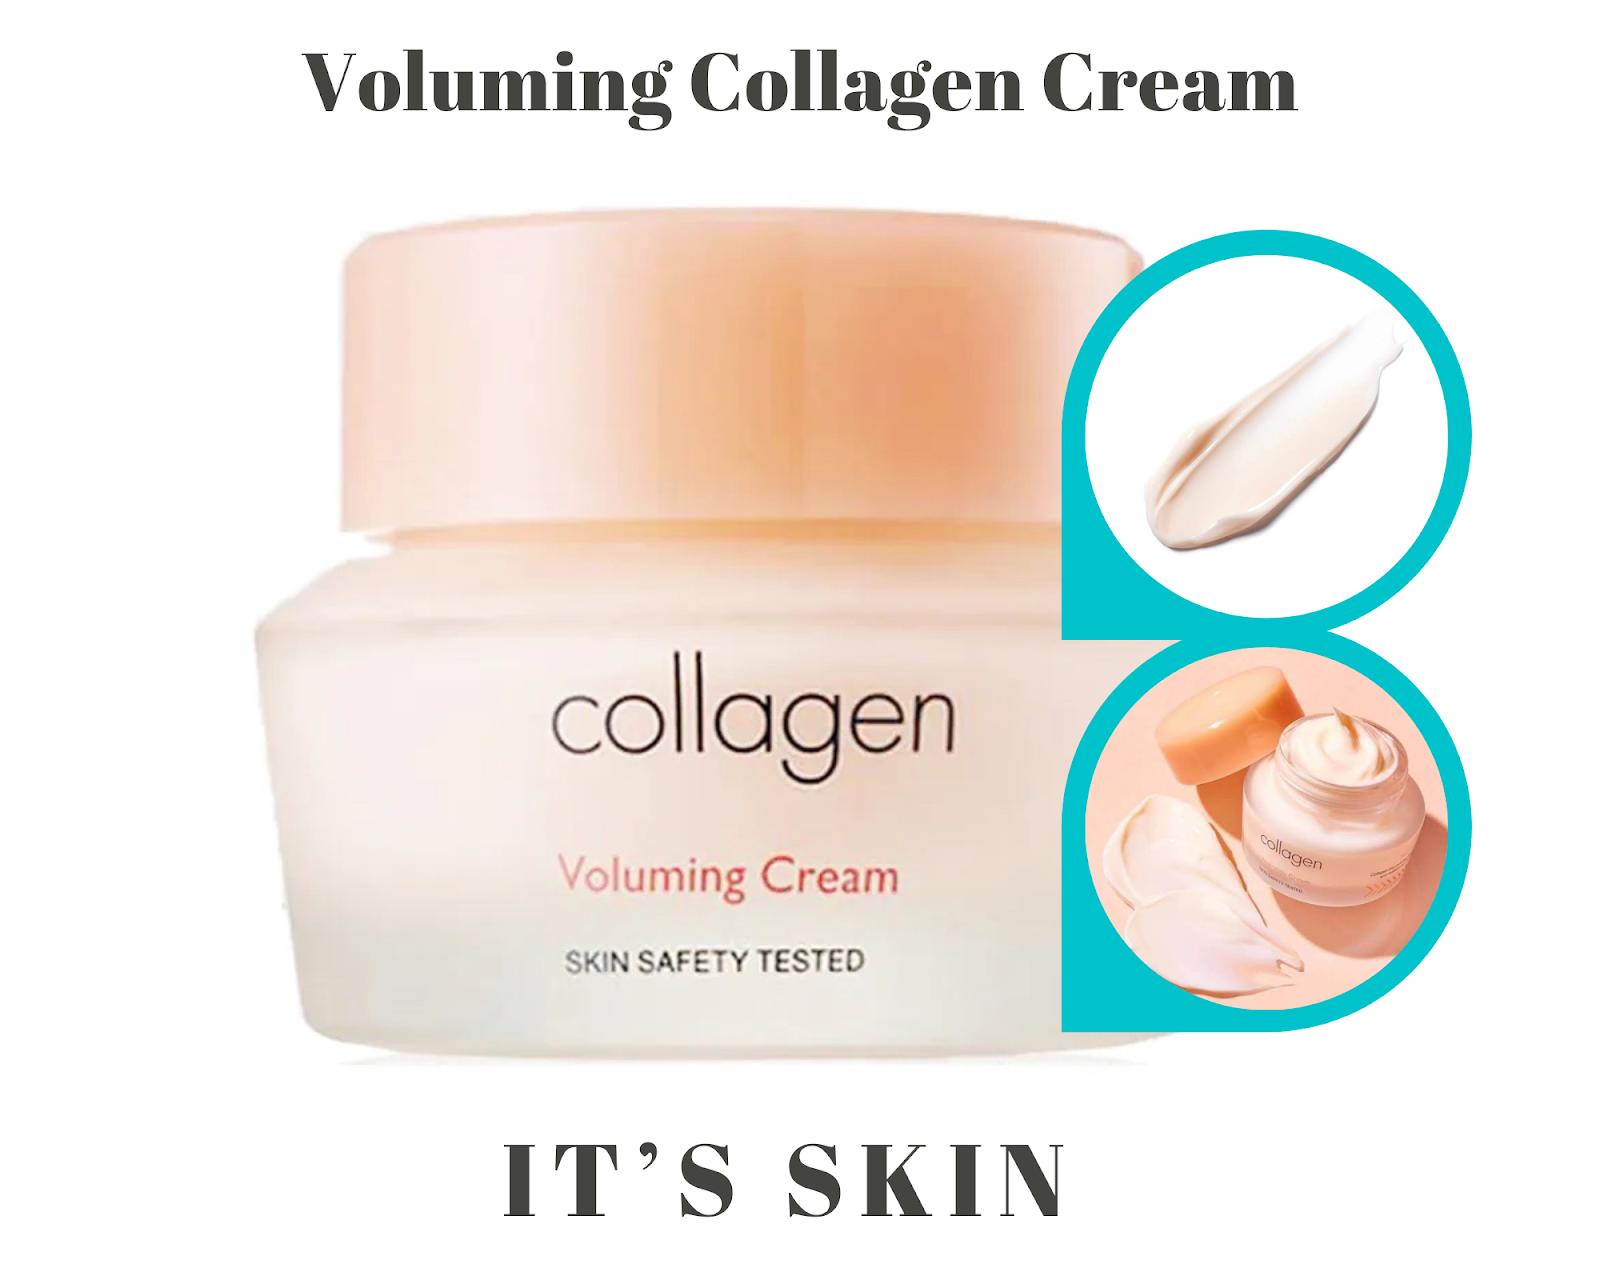 2. It's Skin Voluming Collagen Cream